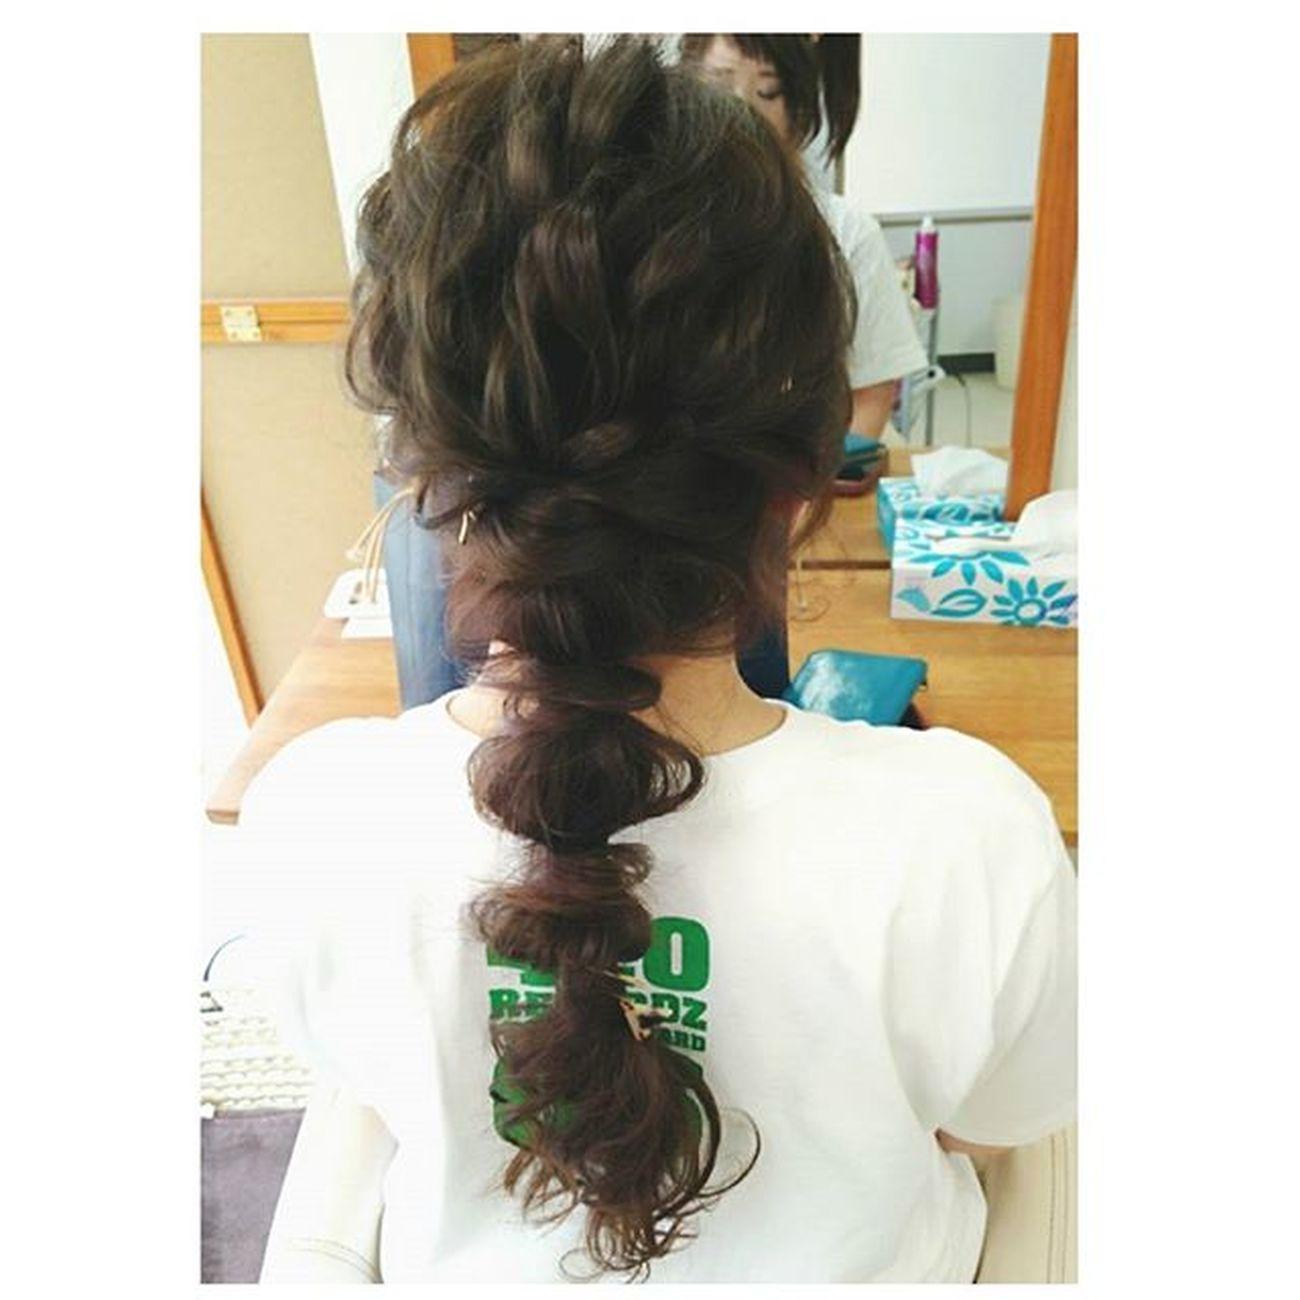 ヘアセット専門店 ヘアセット ブライダル Love ヘアー ヘアアレンジ Byshair Locari これなんて名前の髪型だろ?(´・ω・`)♡ 大人かわいいカジュアル♡ レゲエイベント 錦 美容室 Hair Hair お洒落